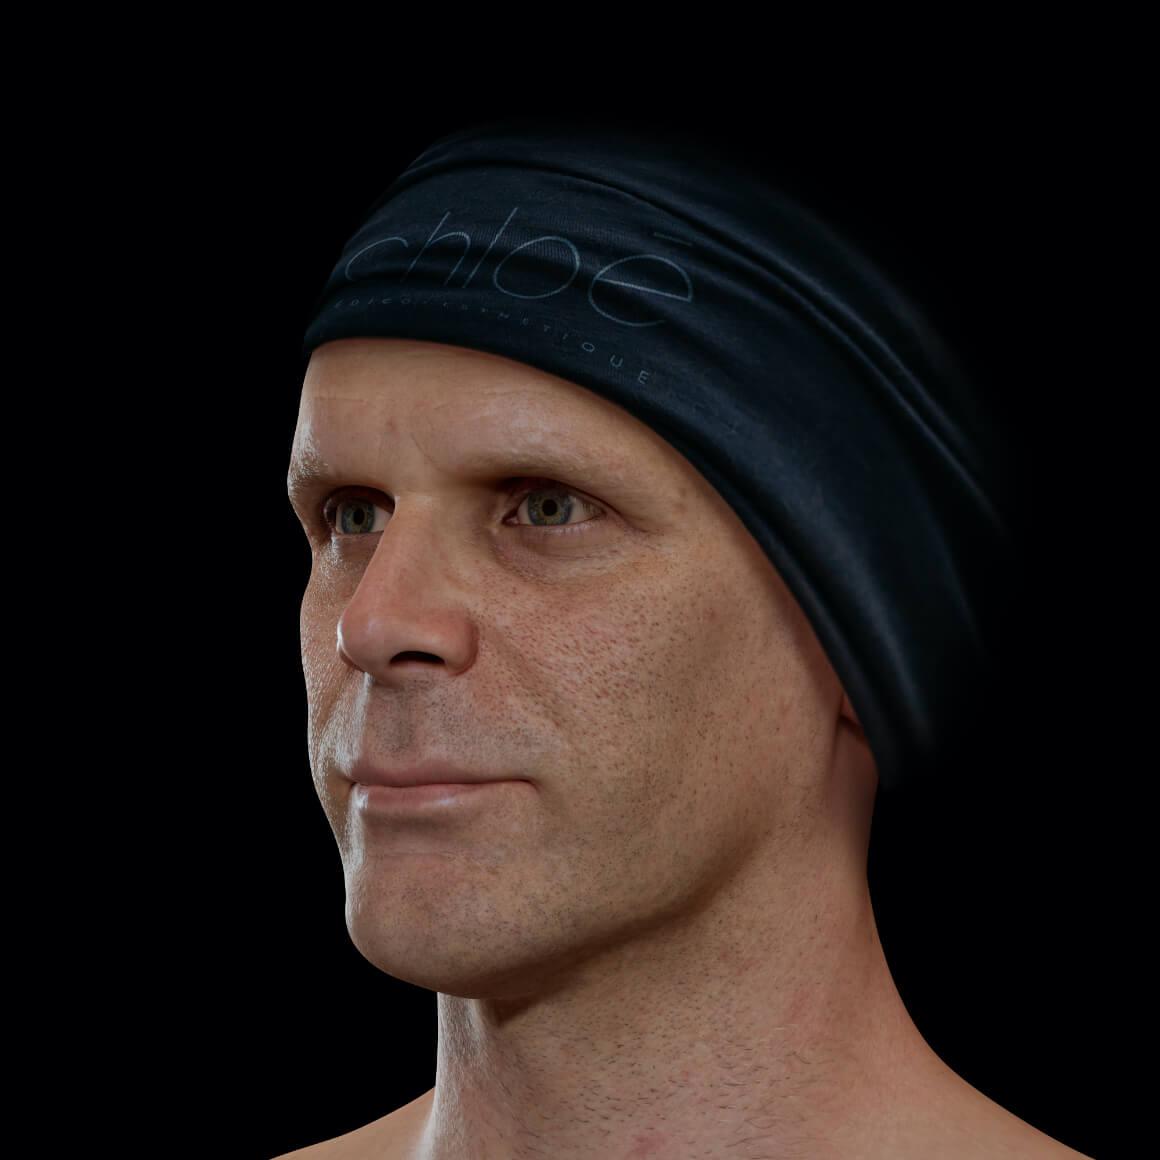 Patient de la Clinique Chloé positionné en angle ayant une peau du visage montrant des pores dilatés